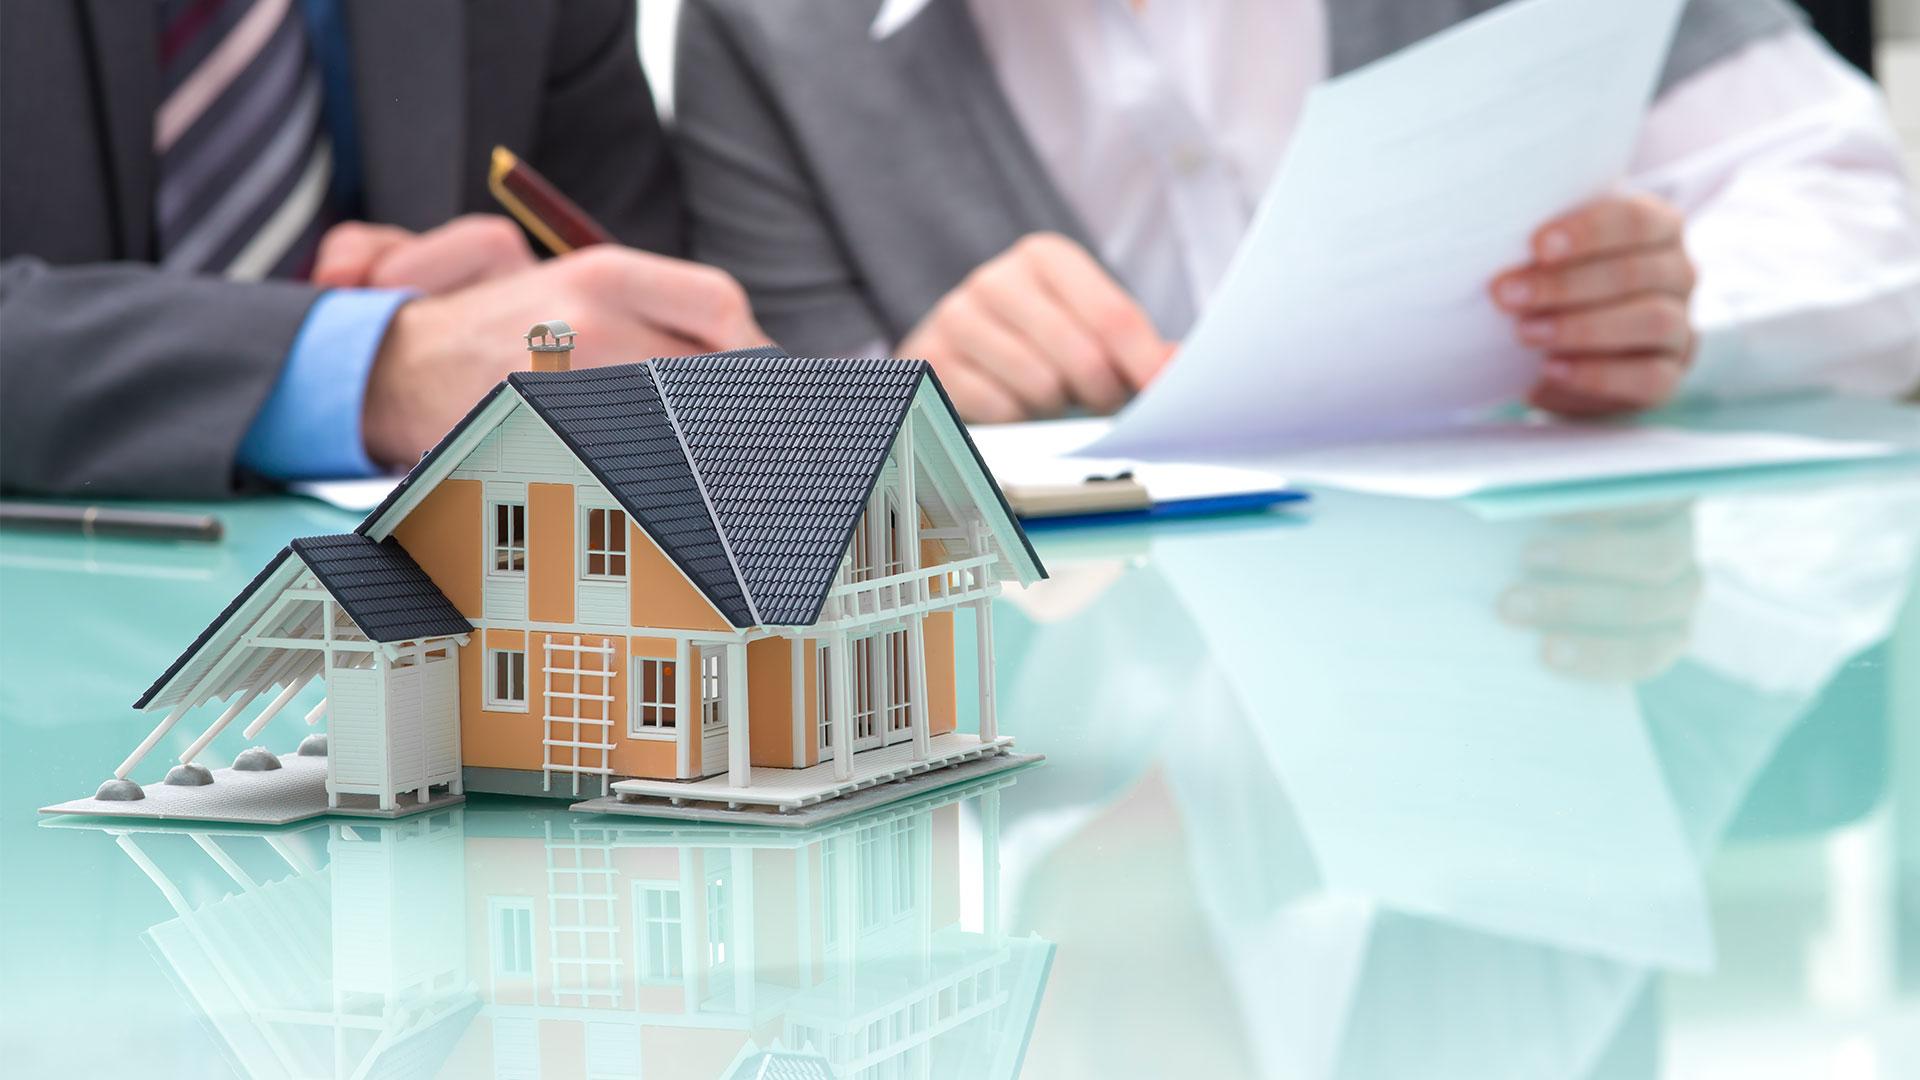 Ce que doit faire l'agence immobilière que vous choisirez